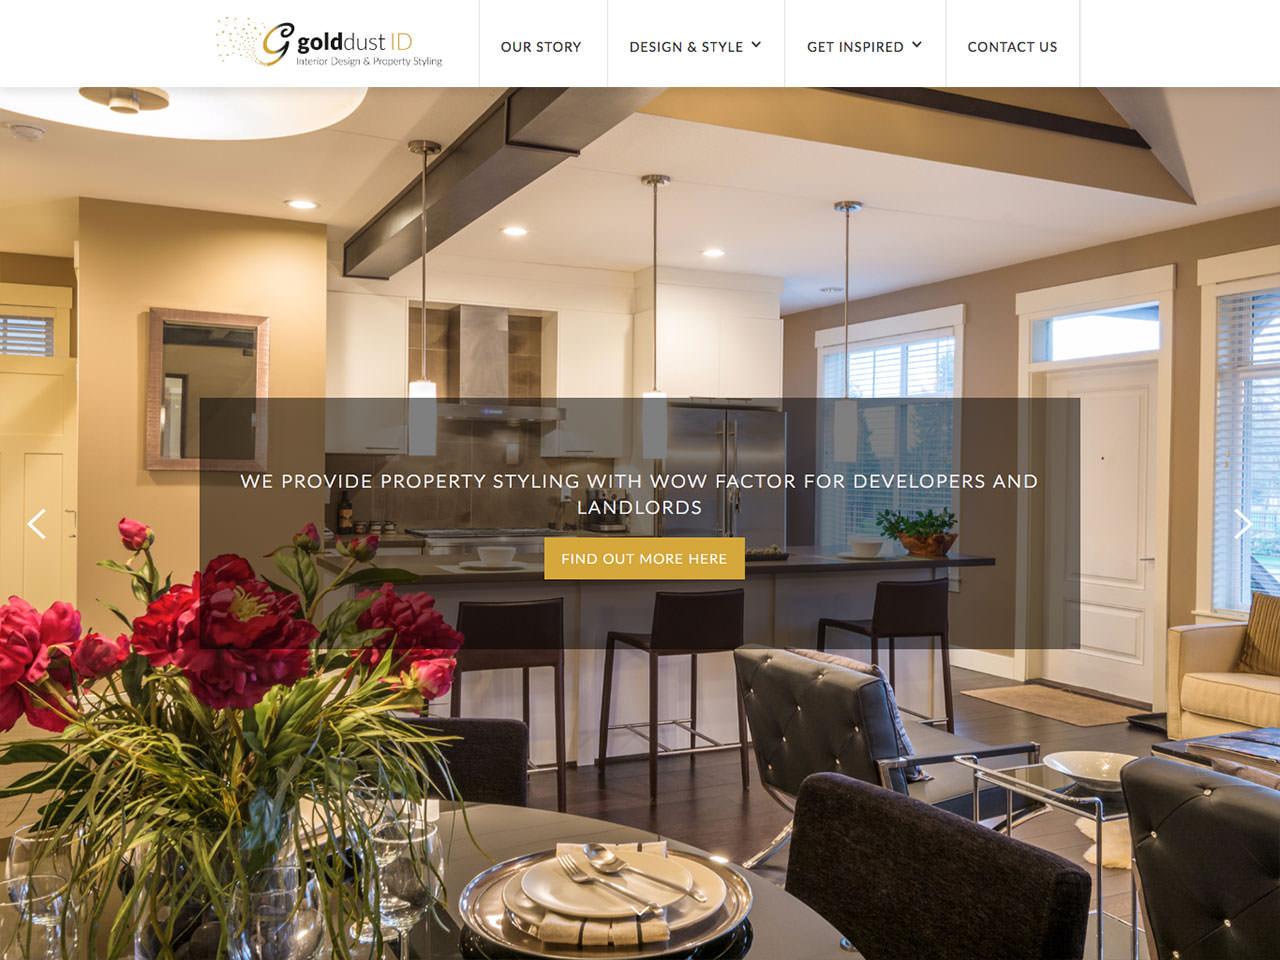 Spotlight On: Golddust ID Interior Design